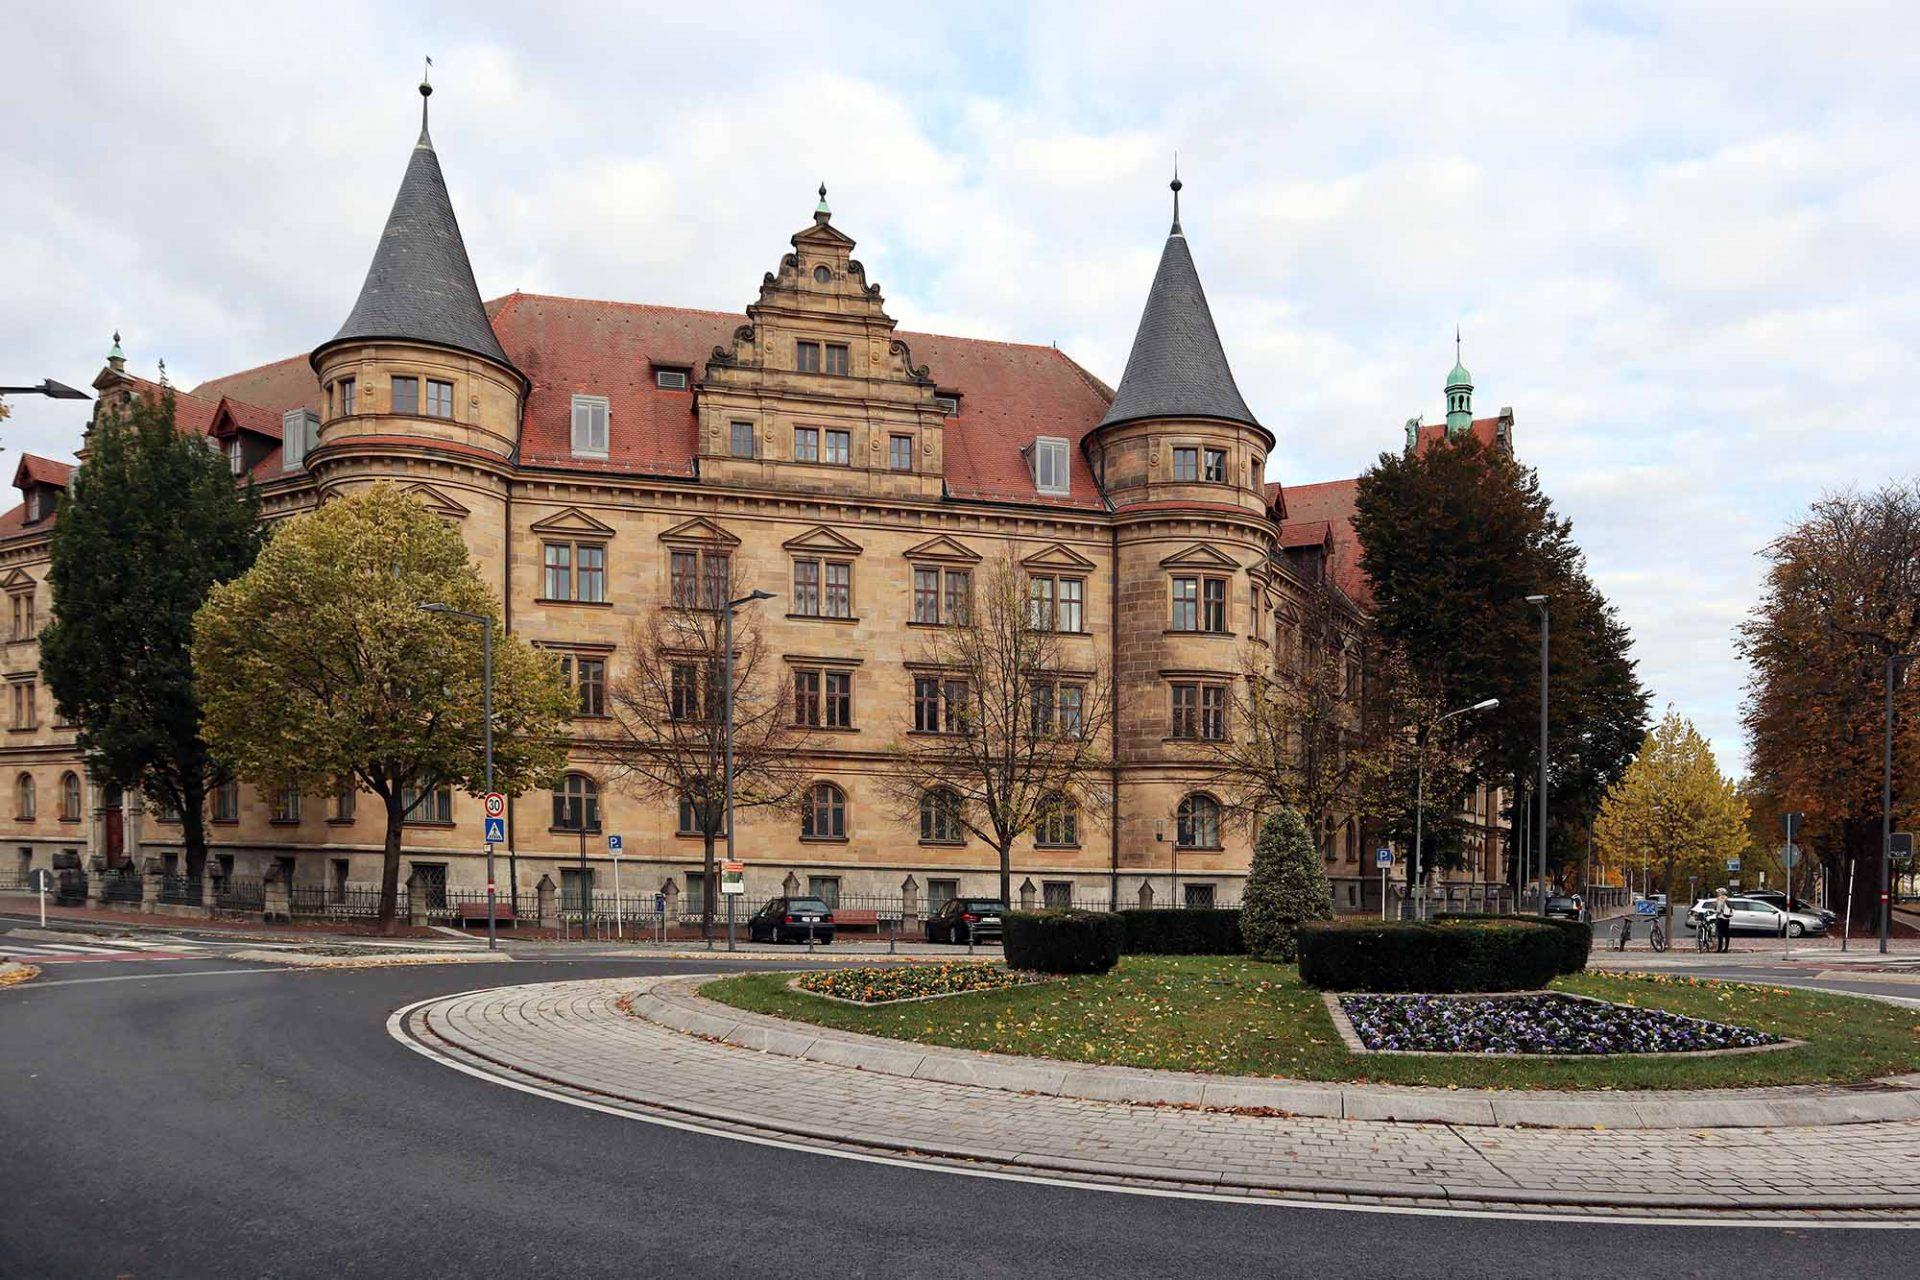 Wilhelmsplatz. in Anlehnung an historische Vorlagen neu gestaltet. Am Platz befinden sich u. a.: das Amtsgericht Bamberg und die Oberpostdirektion. Das Amtsgericht (Entwurf: Schenk und Zimmer, Fertigstellung: 1955) war zunächst ein Bürogebäude der Allgemeinen Ortskrankenkasse (AOK), die das Haus an die bayerische Justizverwaltung verkaufte ...